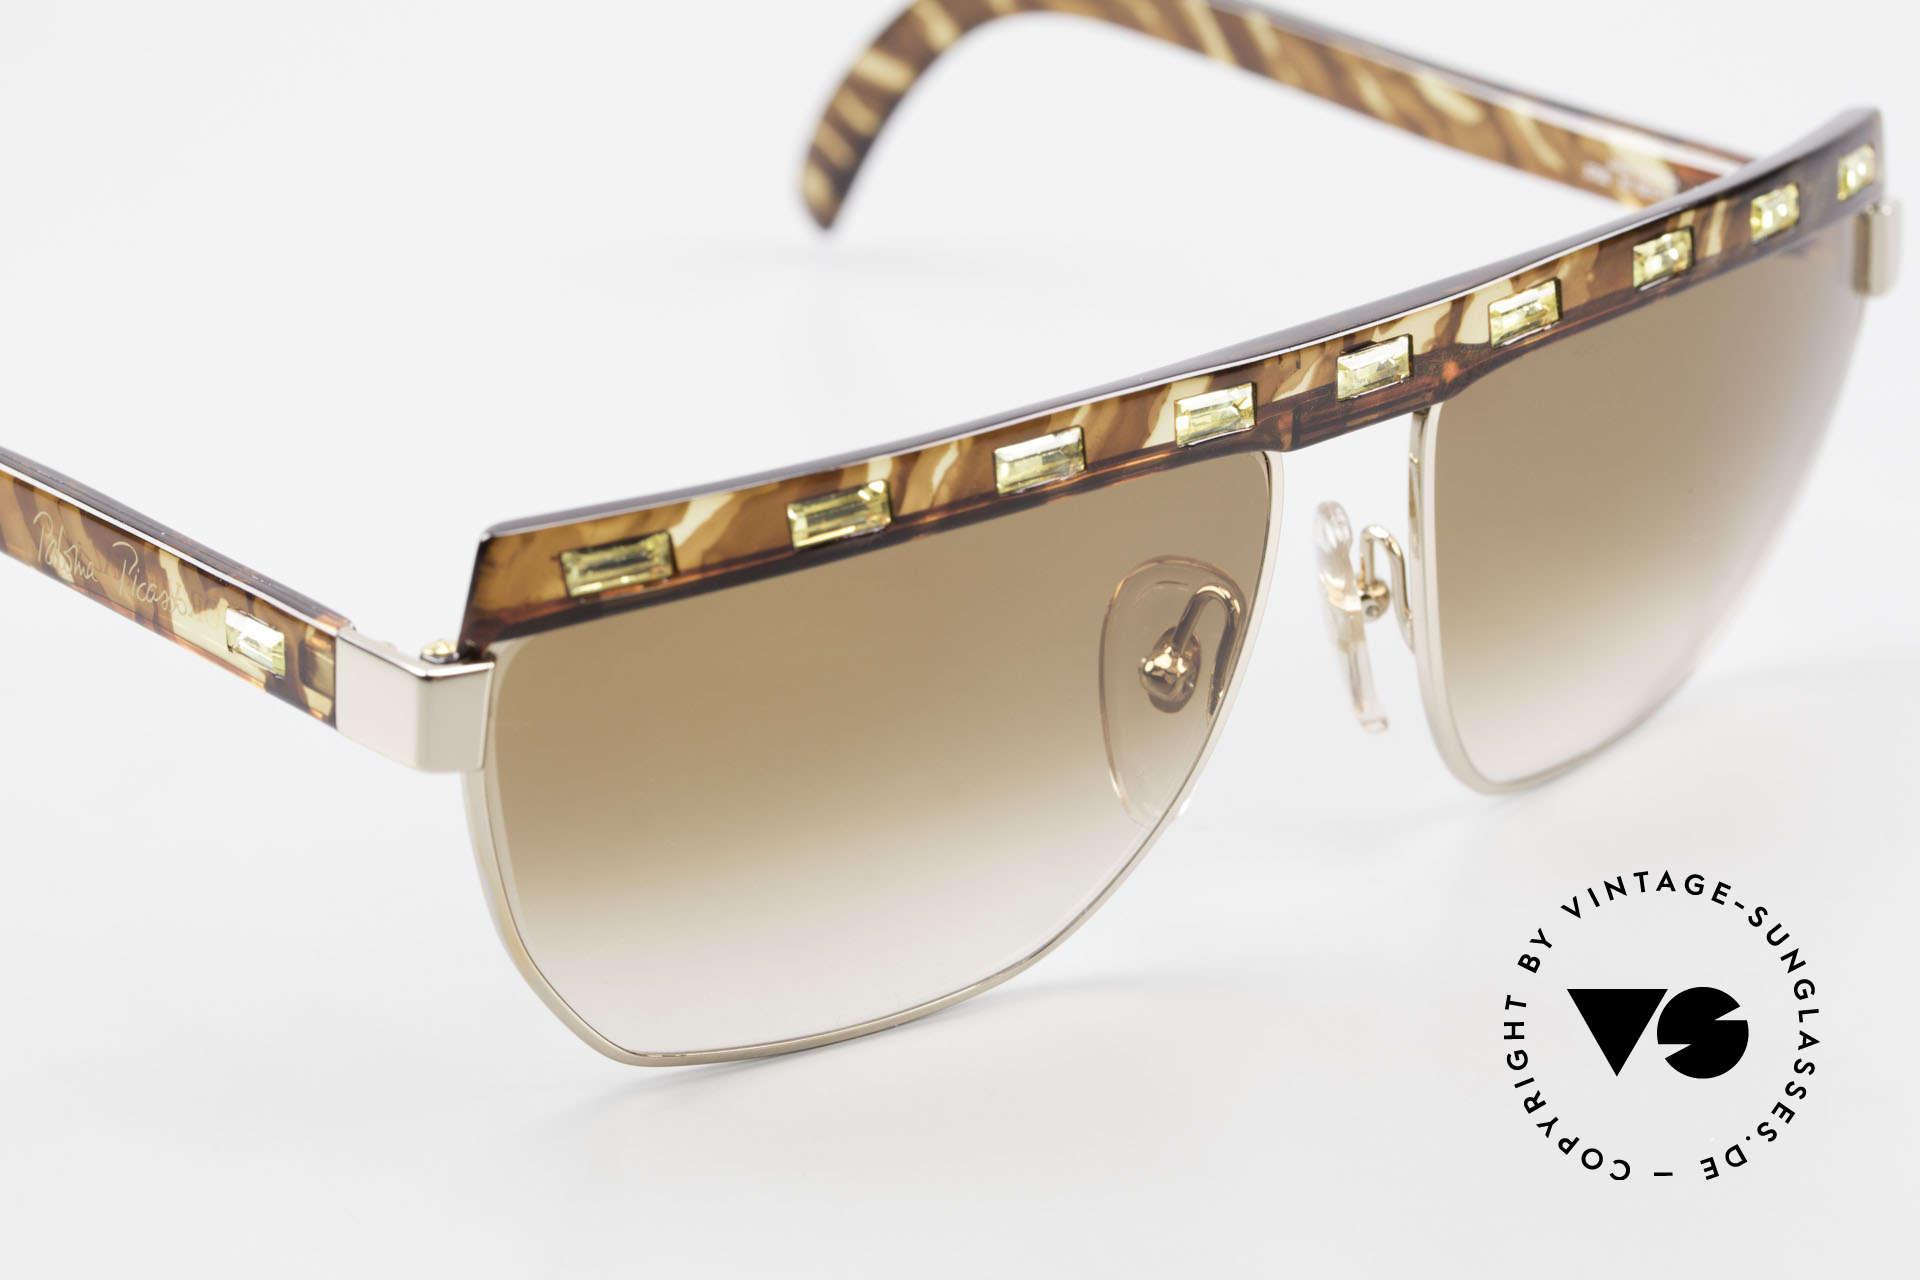 Paloma Picasso 3706 Damen Sonnenbrille Strass 90s, zudem ist das Brillen-Etui als Geldbörse nutzbar!, Passend für Damen